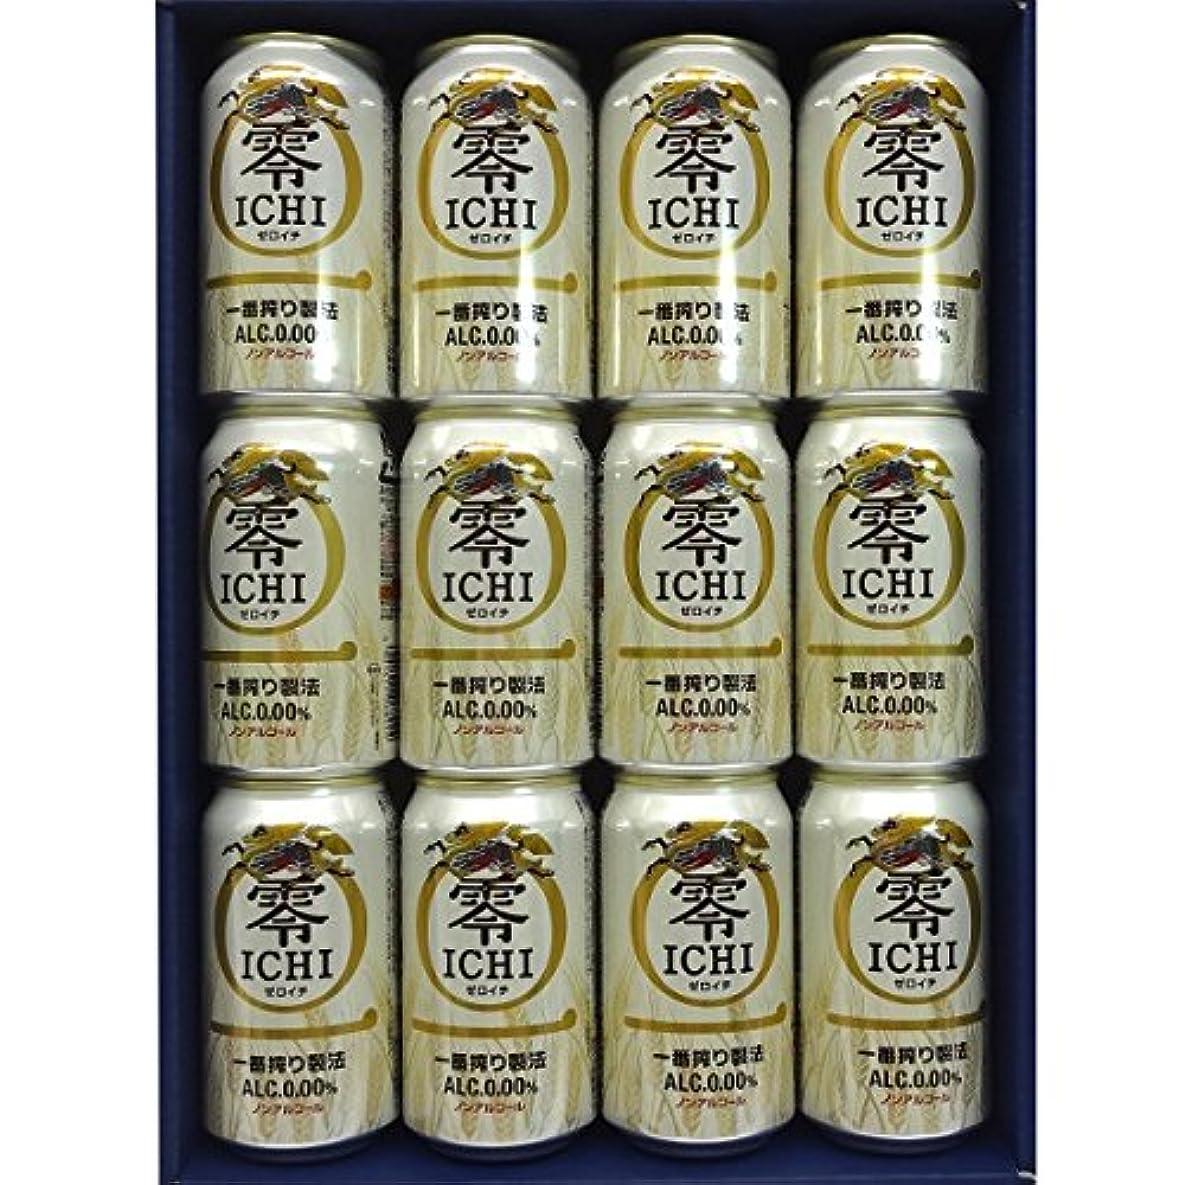 ロープ印象派コーラスキリン 零ICHI(ゼロイチ)キリン フリー350ml缶 12本オリジナルギフトカートン箱入り【ギフト用包装仕様】